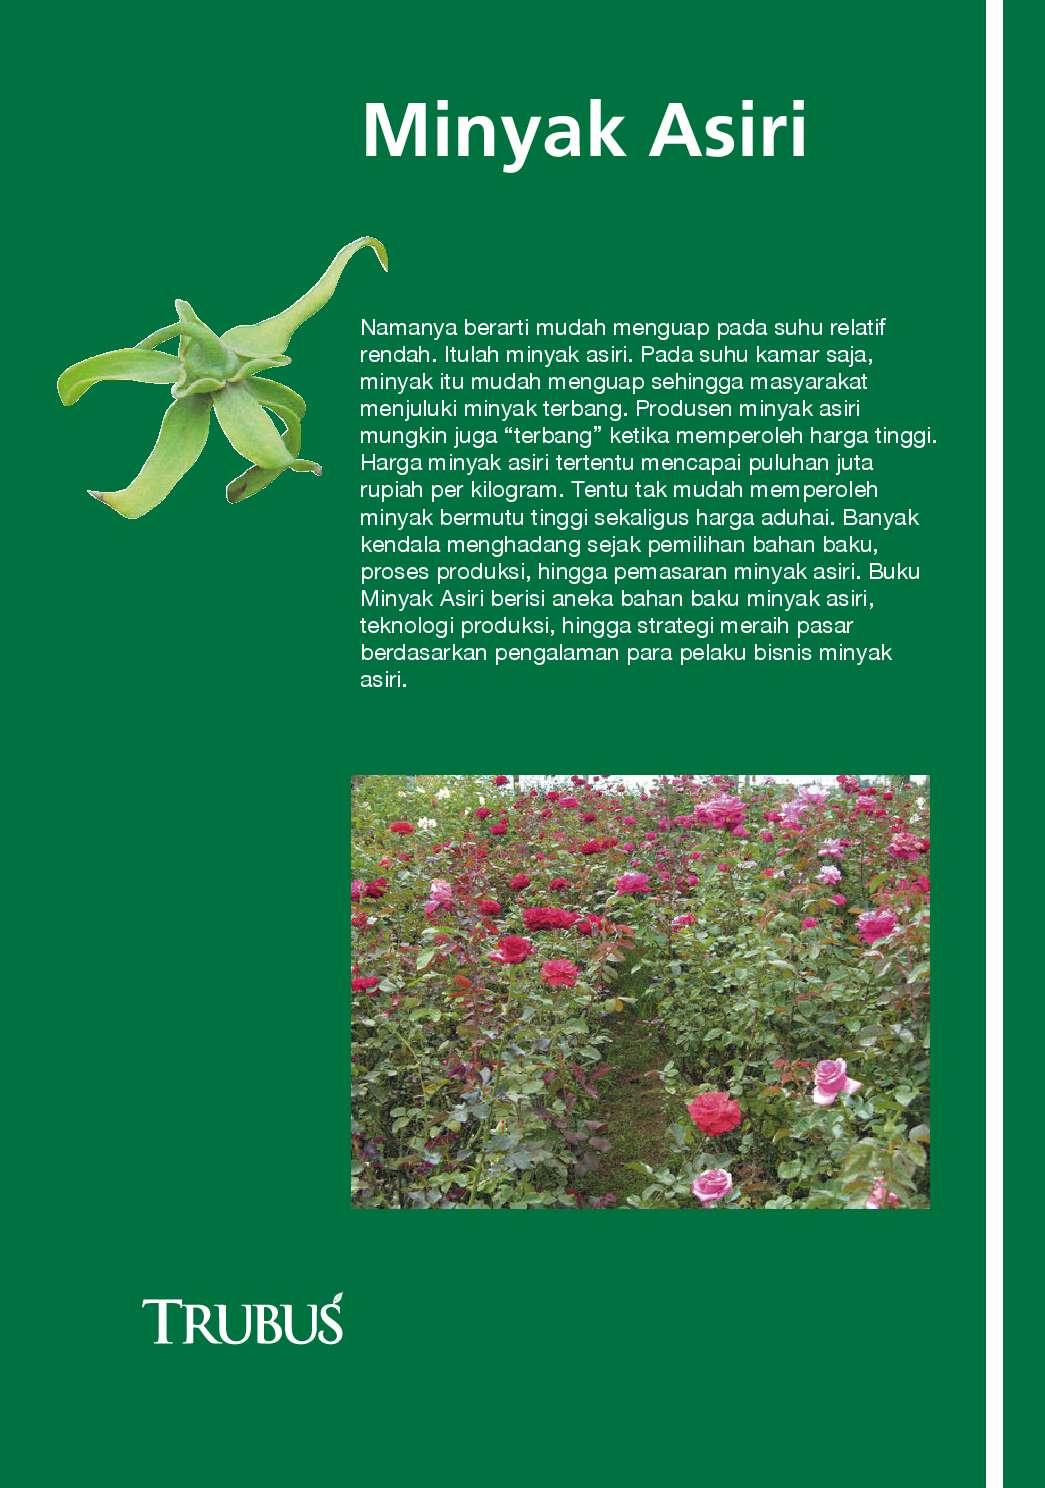 jual buku info kit vol 07 minyak asiri oleh redaksi